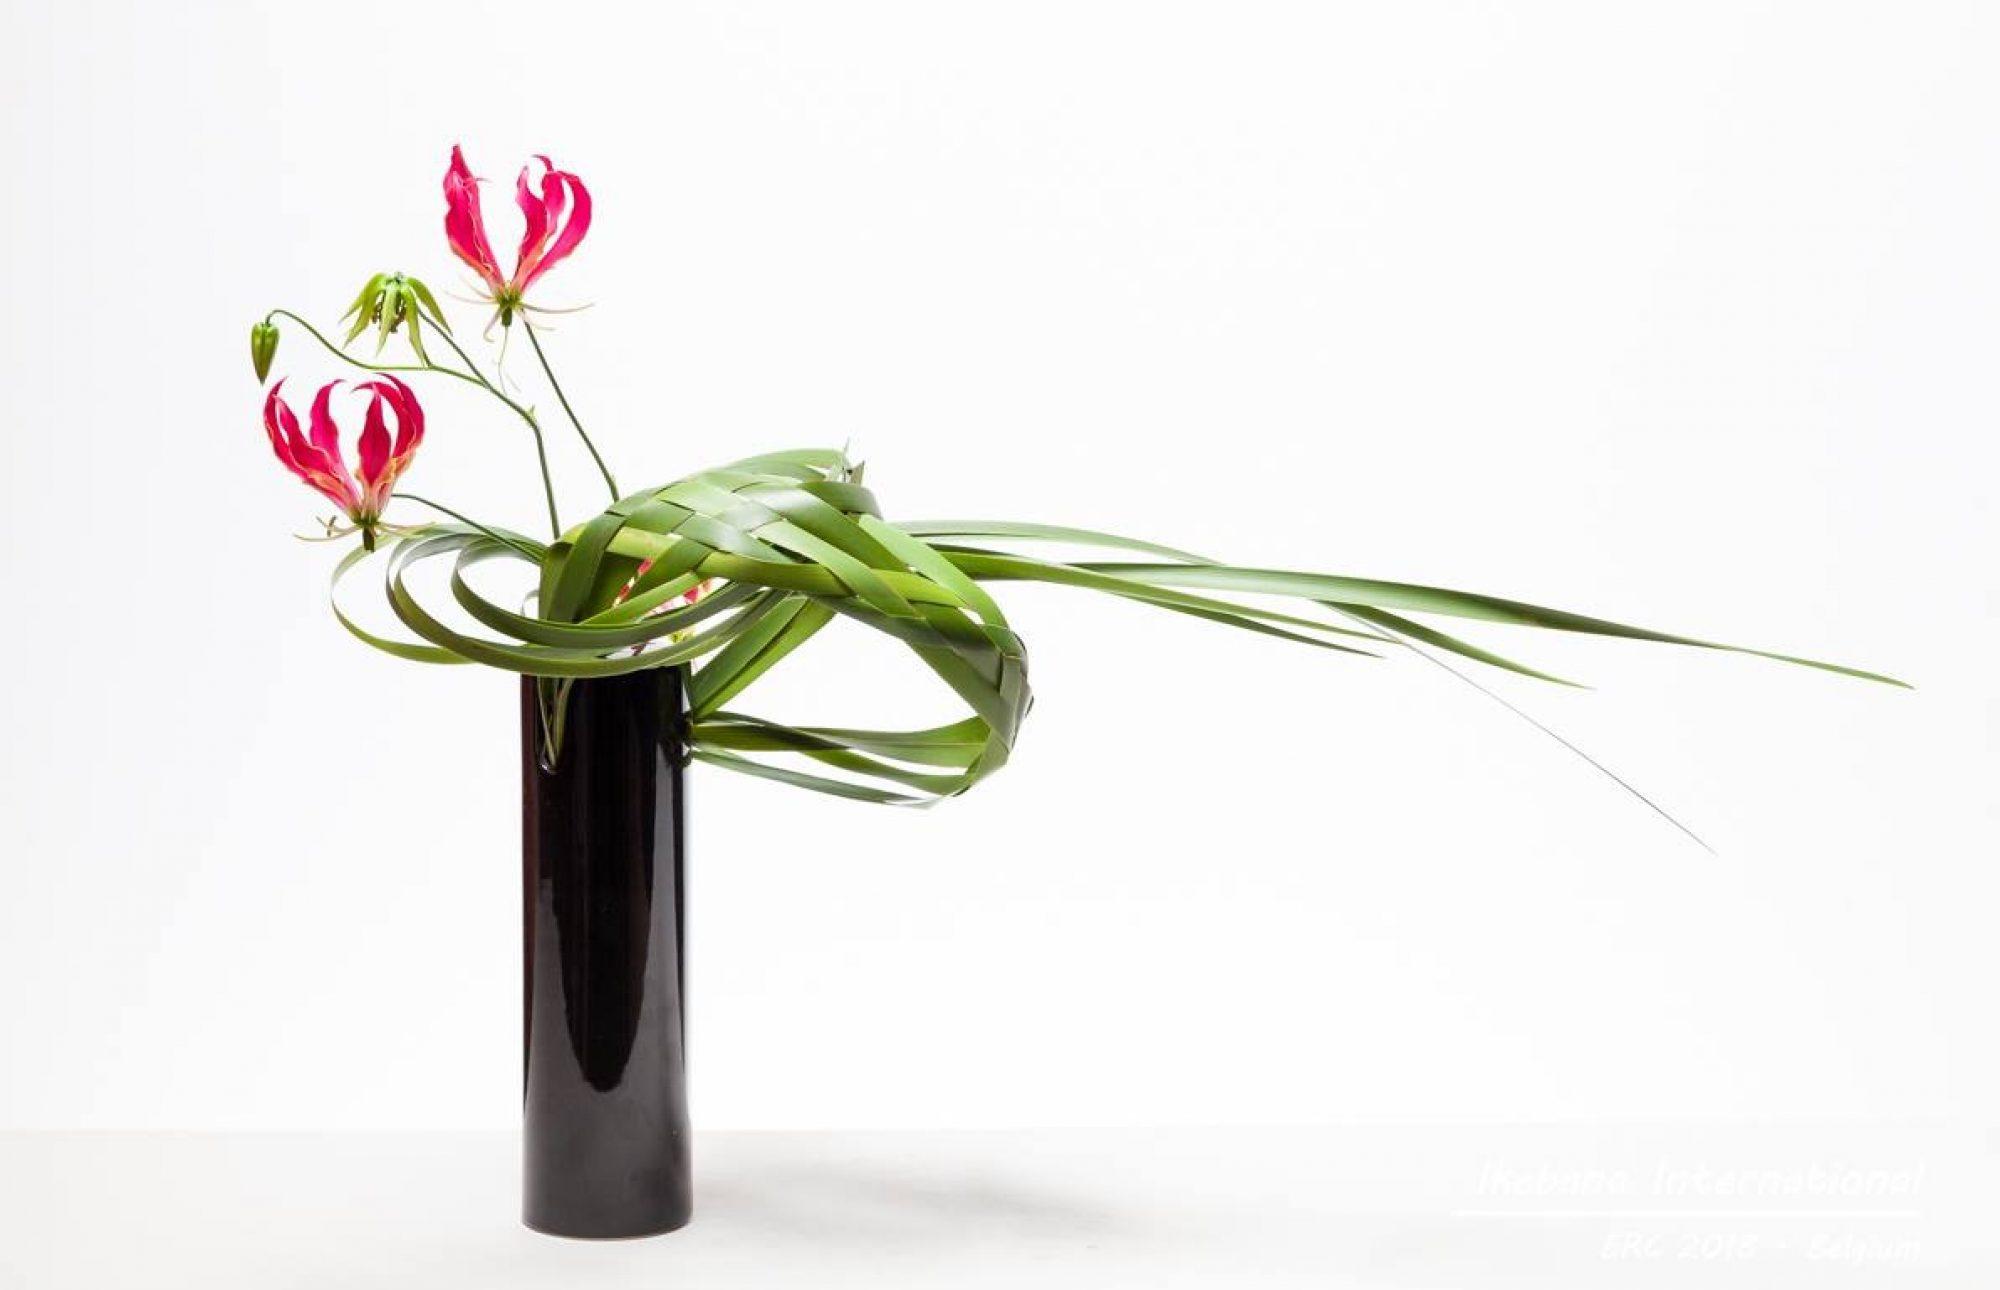 Kyoshin-ikebana